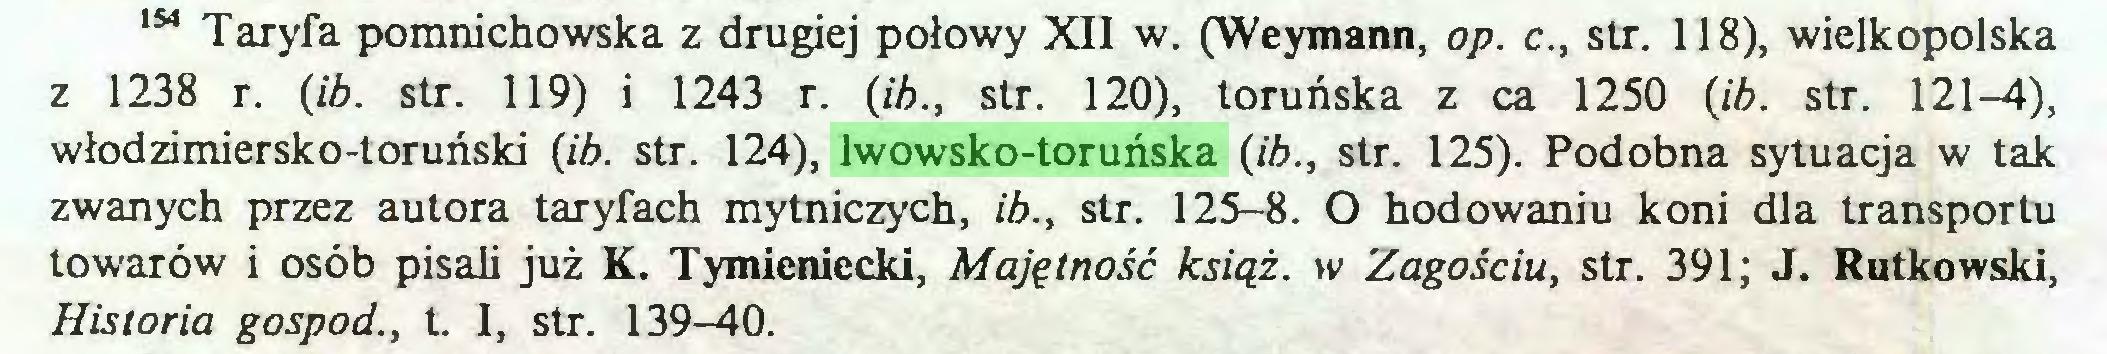 (...) 154 Taryfa pomnichowska z drugiej połowy XII w. (Weymann, op. c., str. 118), wielkopolska z 1238 r. (ib. str. 119) i 1243 r. (ib., str. 120), toruńska z ca 1250 (ib. str. 121-4), włodzimiersko-toruński (ib. str. 124), lwowsko-toruńska (ib., str. 125). Podobna sytuacja w tak zwanych przez autora taryfach mytniczych, ib., str. 125-8. O hodowaniu koni dla transportu towarów i osób pisali już K. Tymieniecki, Majętność książ. w Zagościu, str. 391; J. Rutkowski, Historia gospod., t. I, str. 139-40...